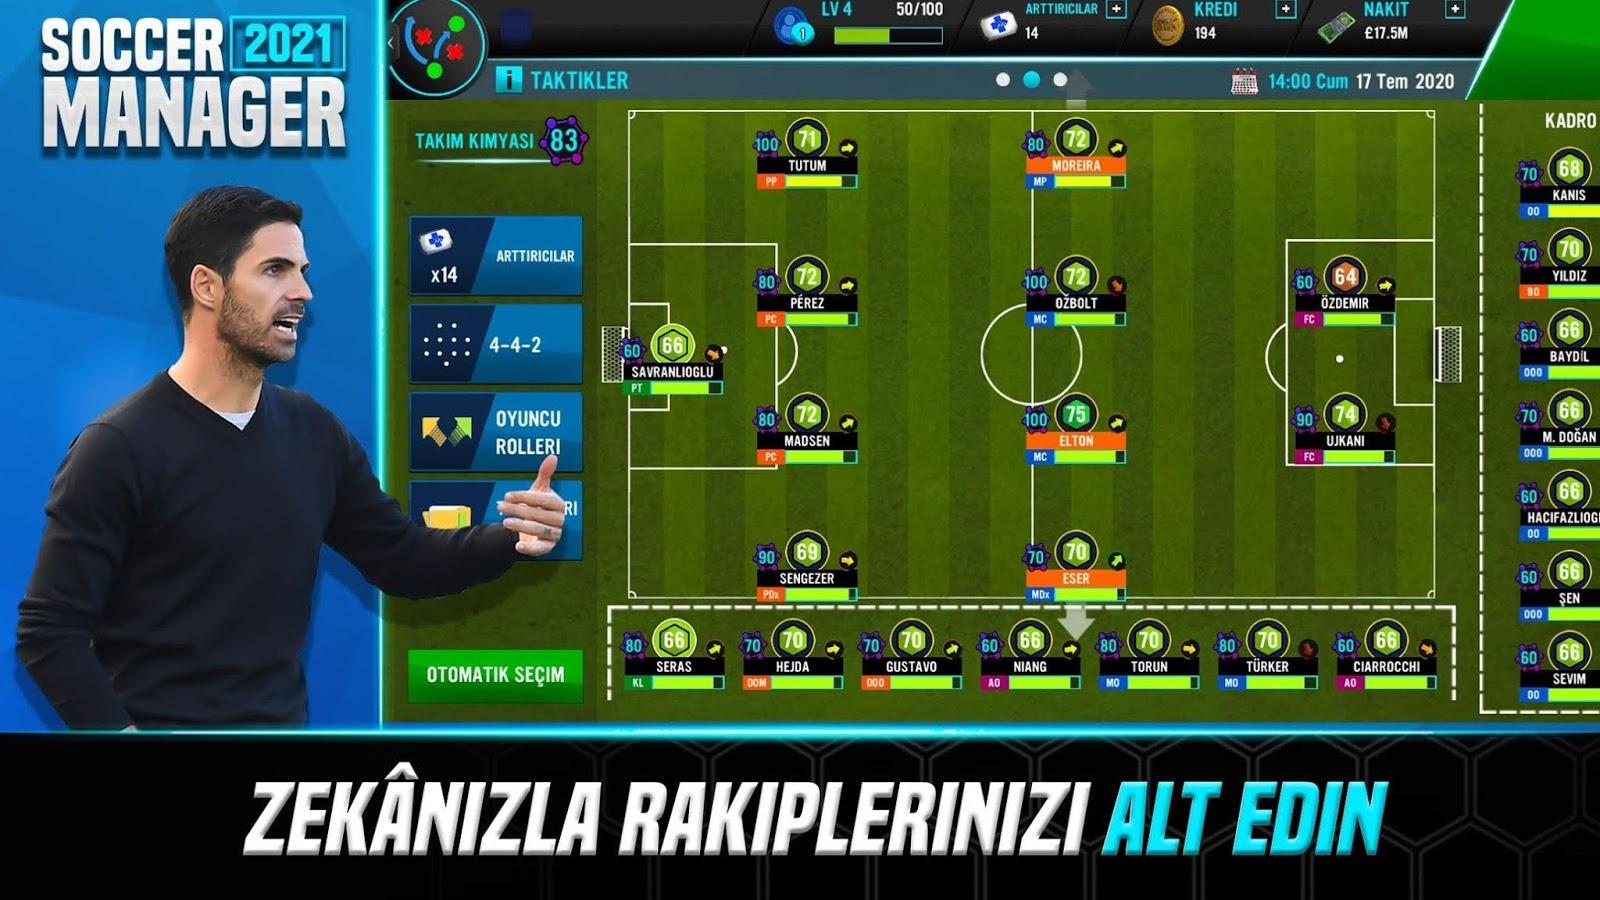 Soccer Manager 2021 Beşiktaş Modu - Para Hileli APK